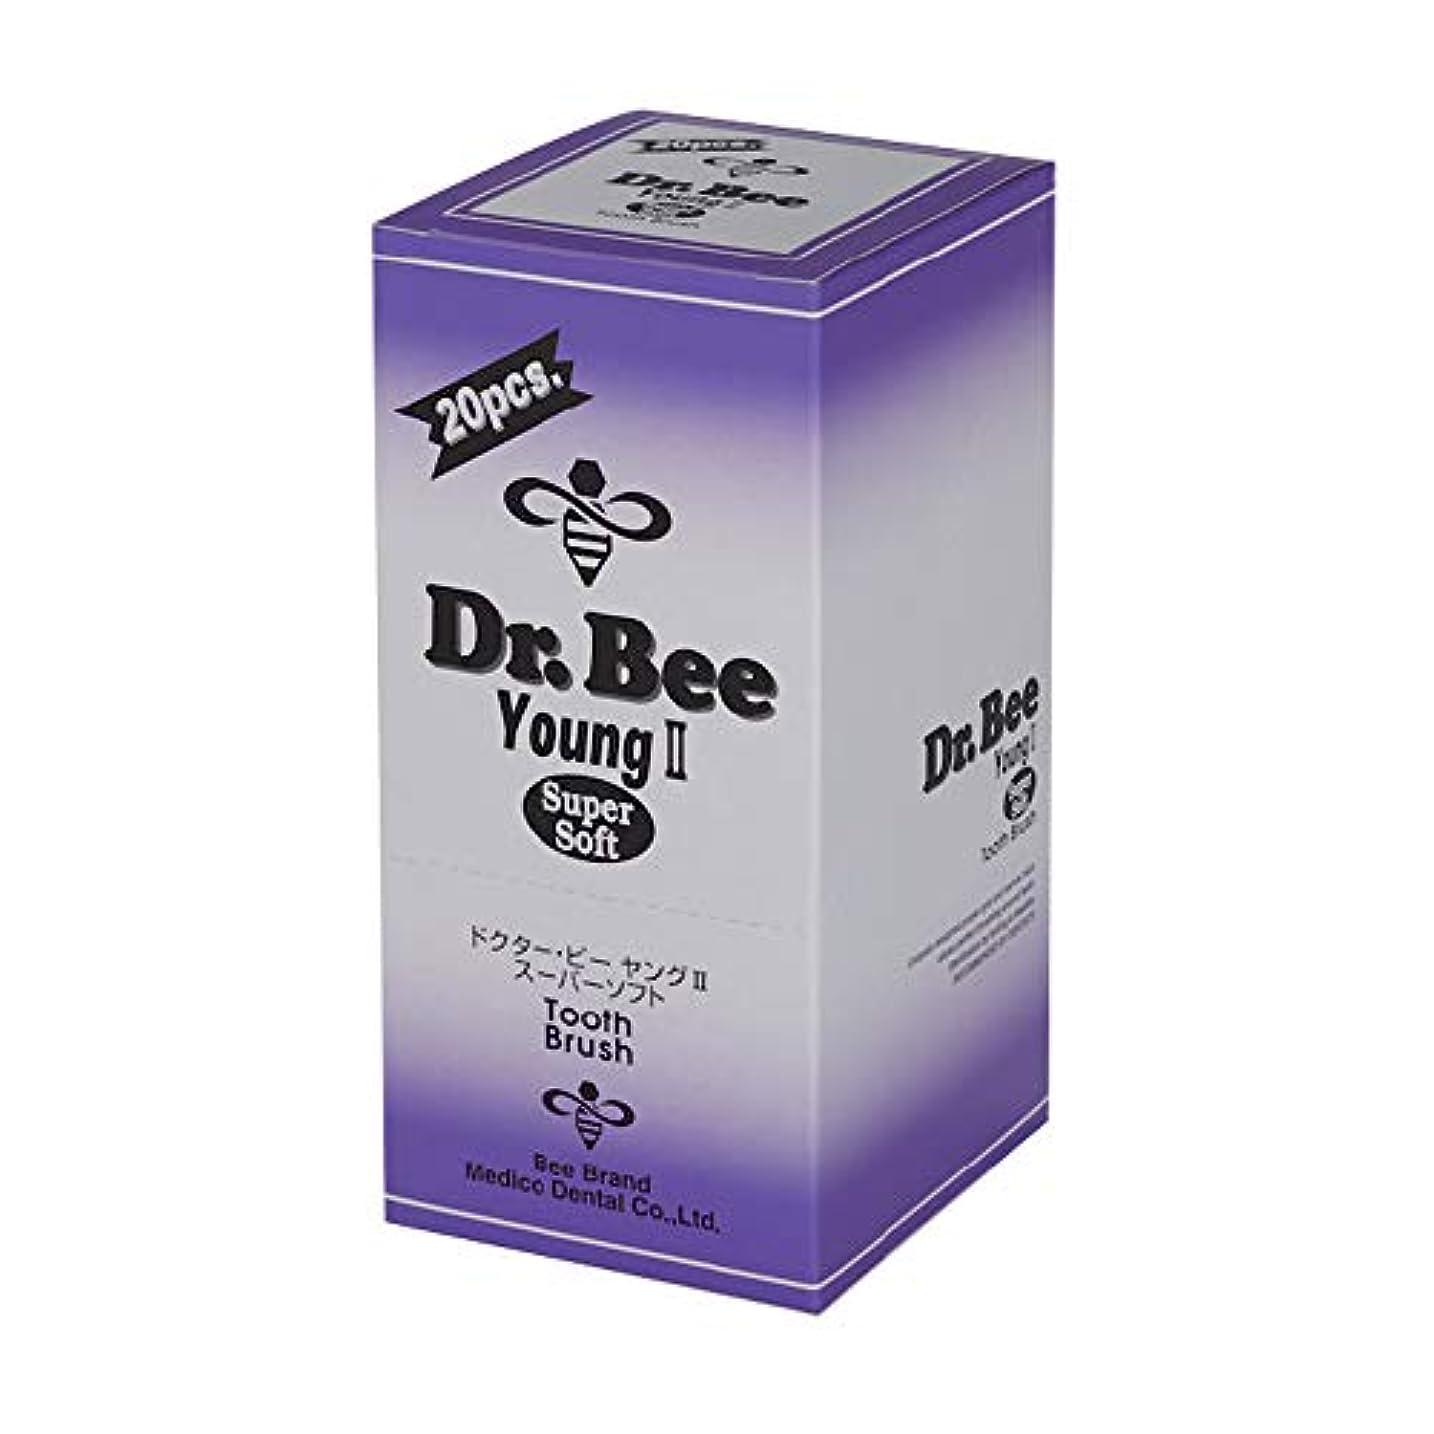 バンドルスキッパー詩人Dr.Bee ヤングⅡ スーパーソフト 20本入り